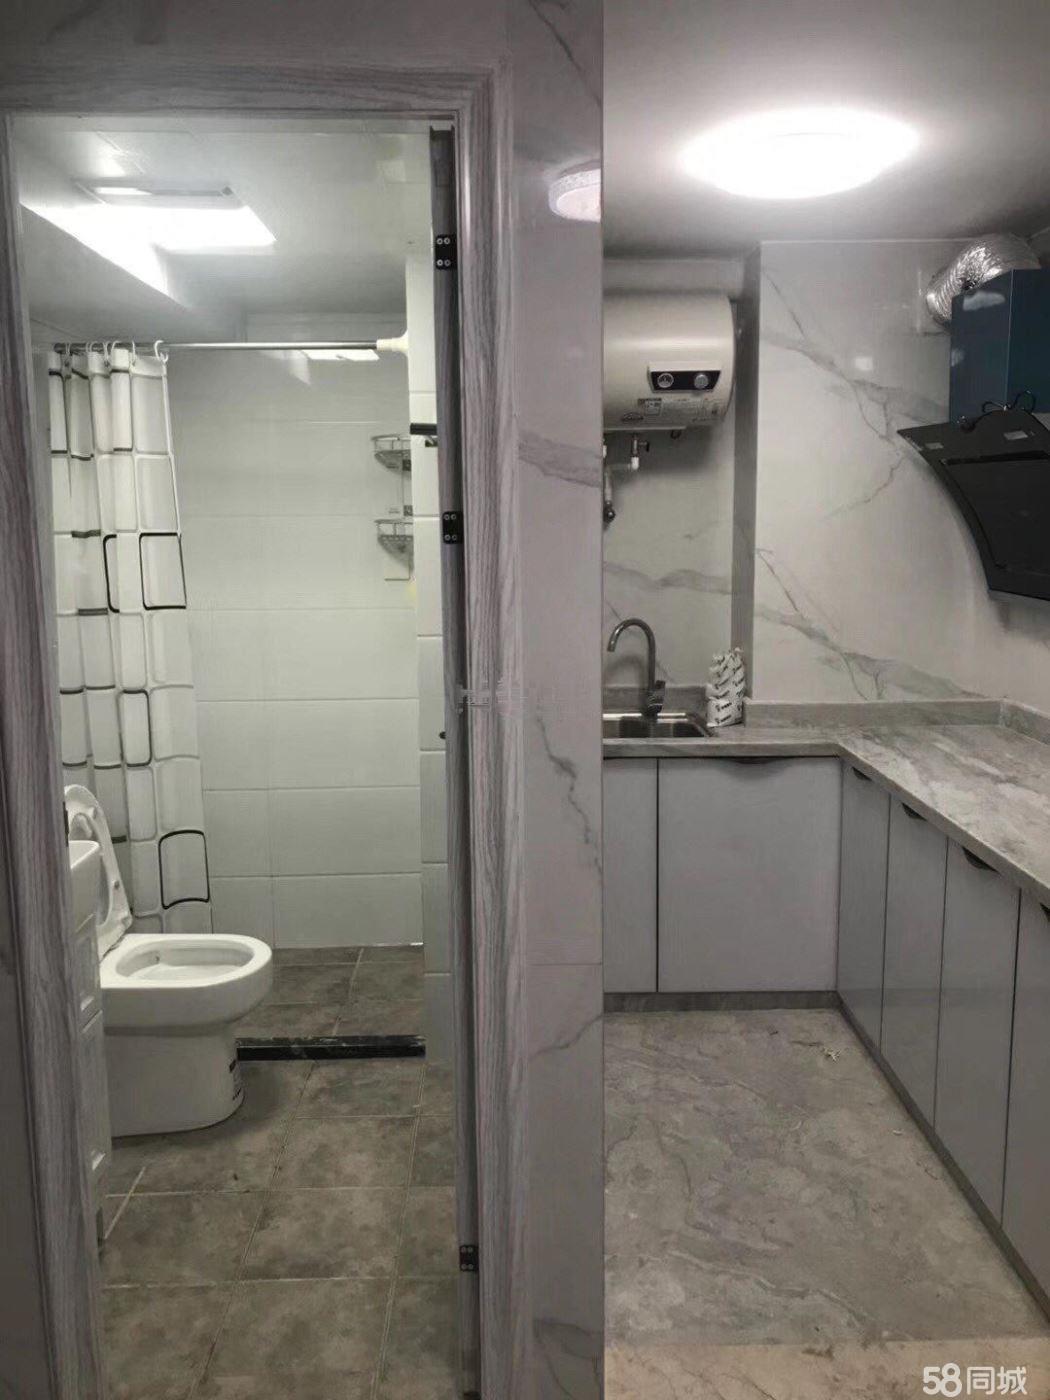 爱特公馆1200元1室0厅1卫精装修,价格便宜,交通便